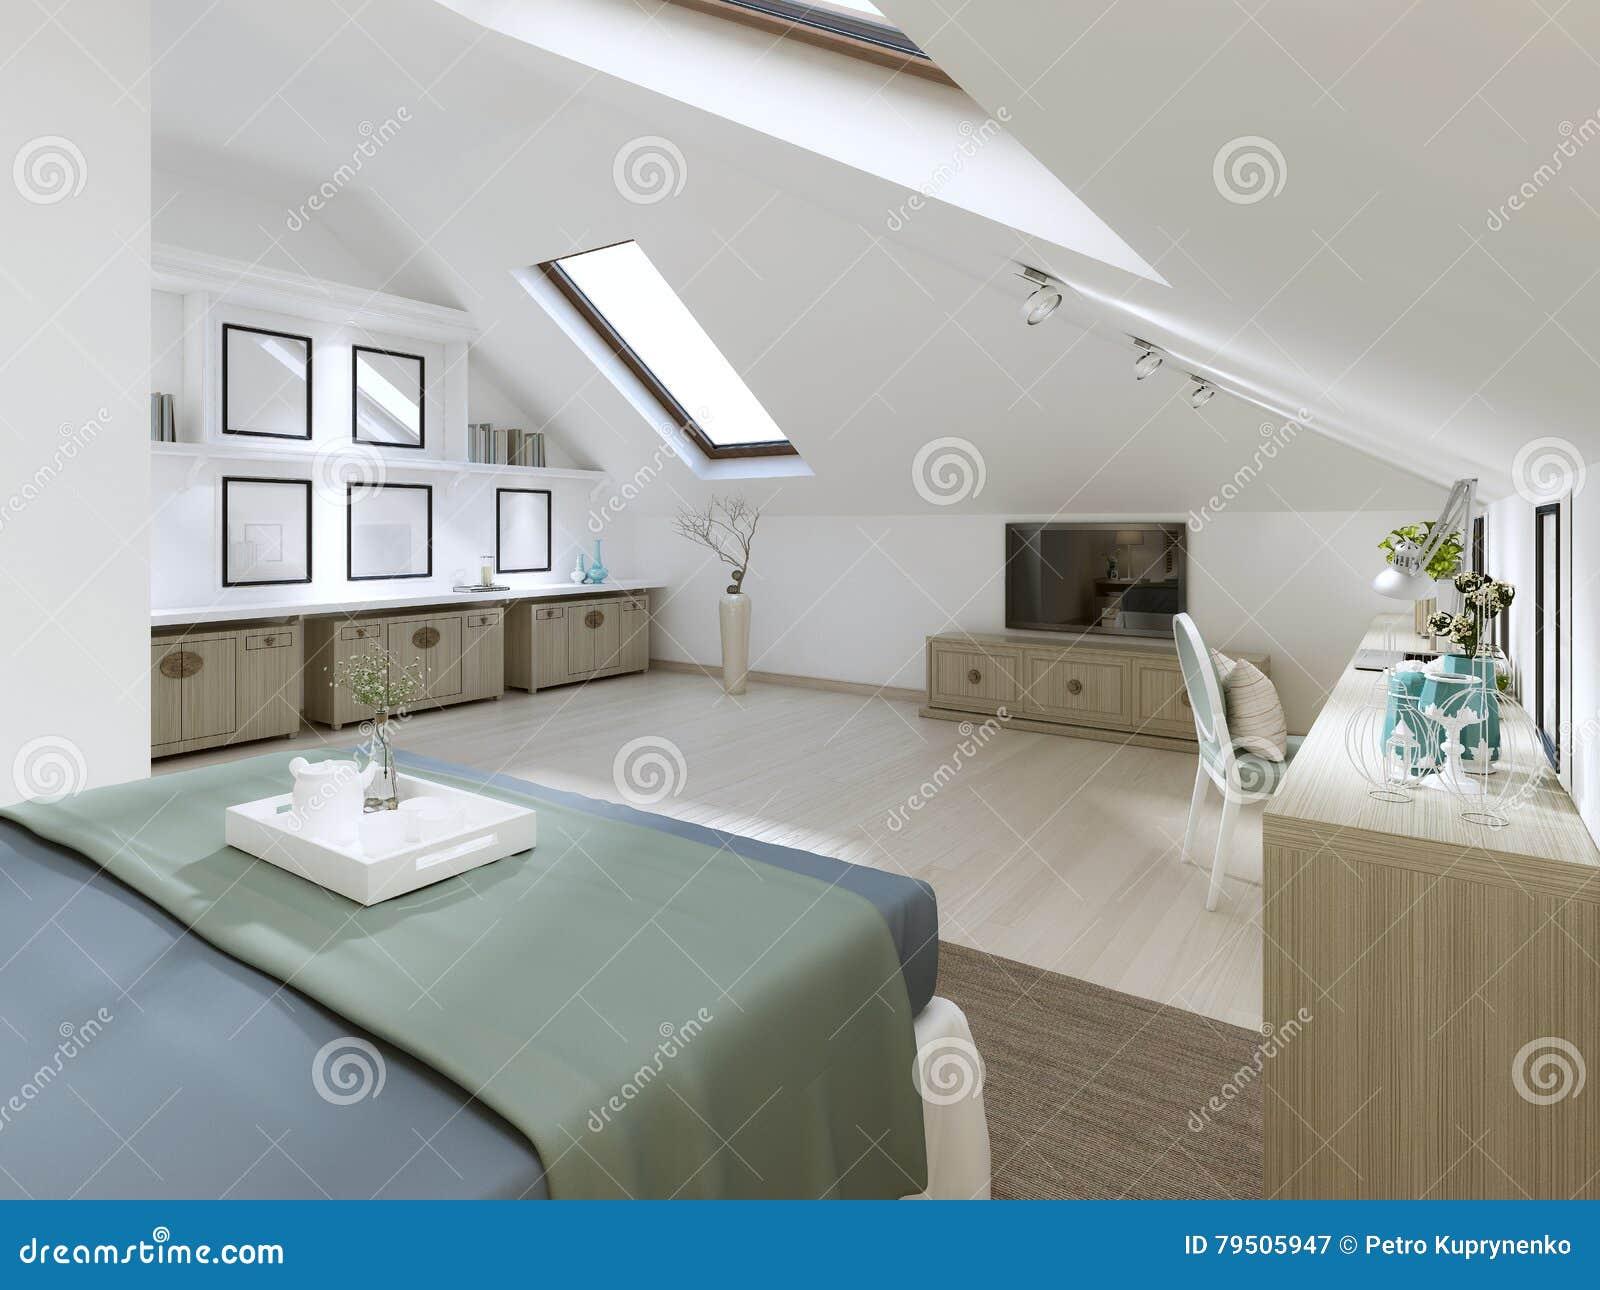 Camera da letto enorme sul sottotetto in uno stile moderno